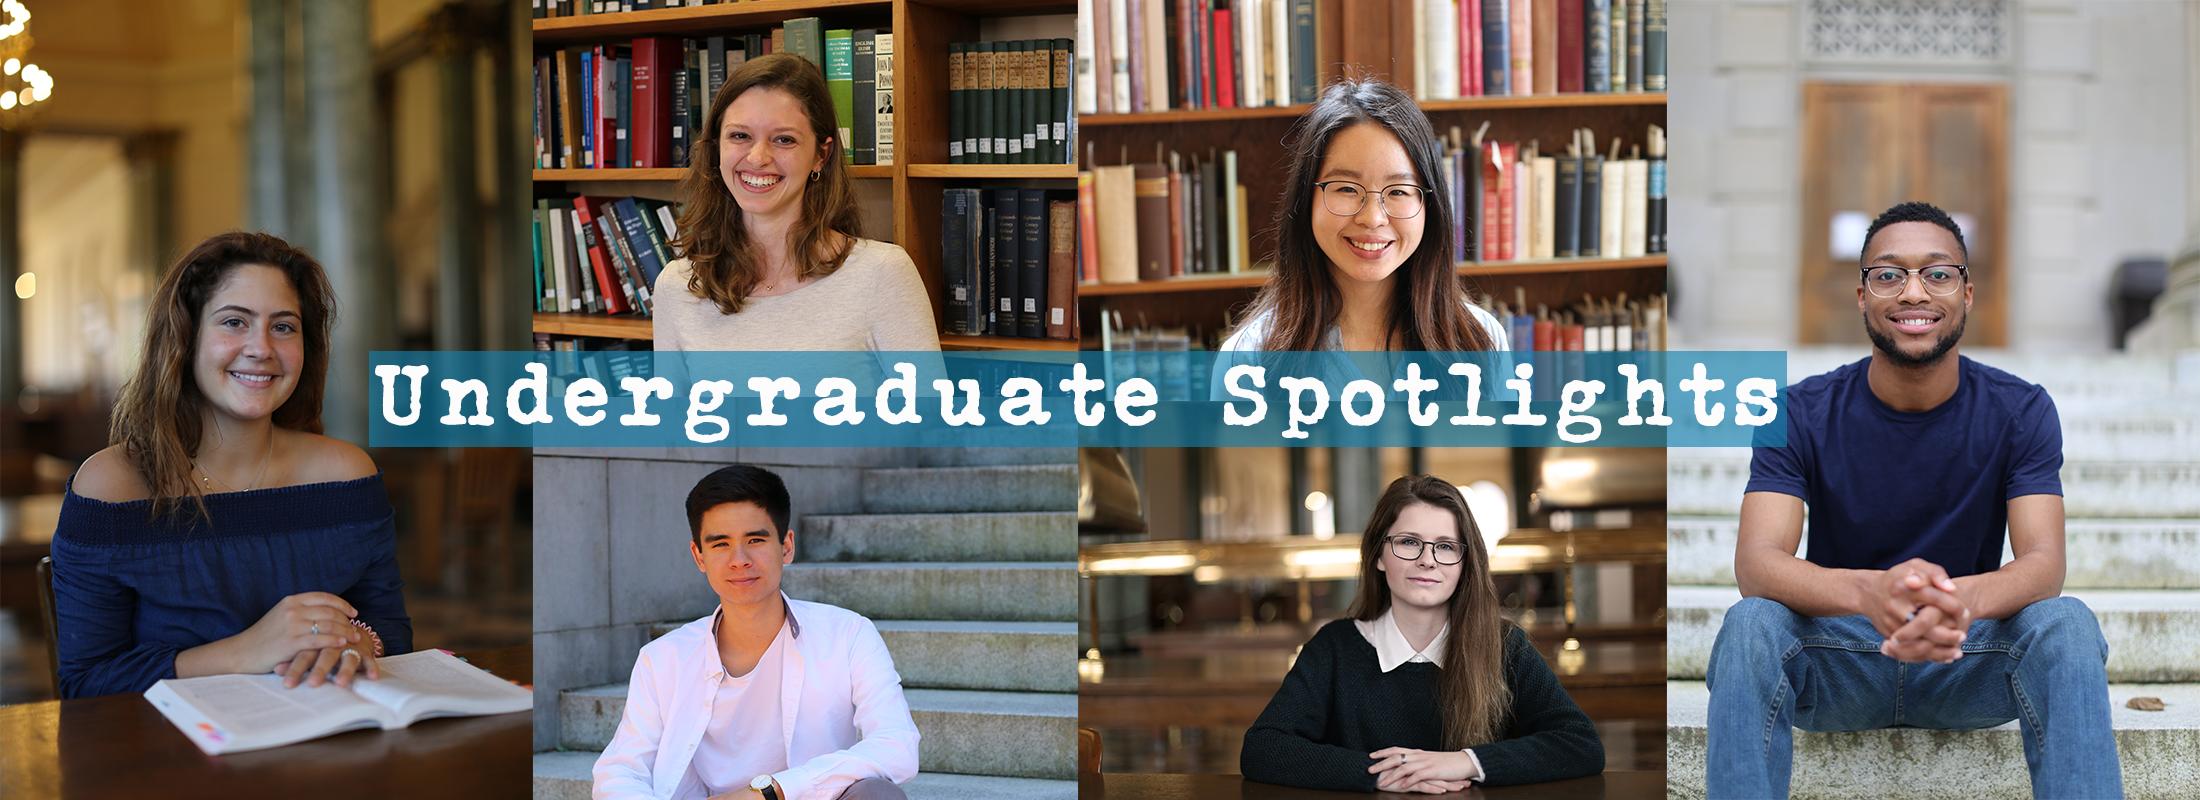 collage of undergraduate portraits